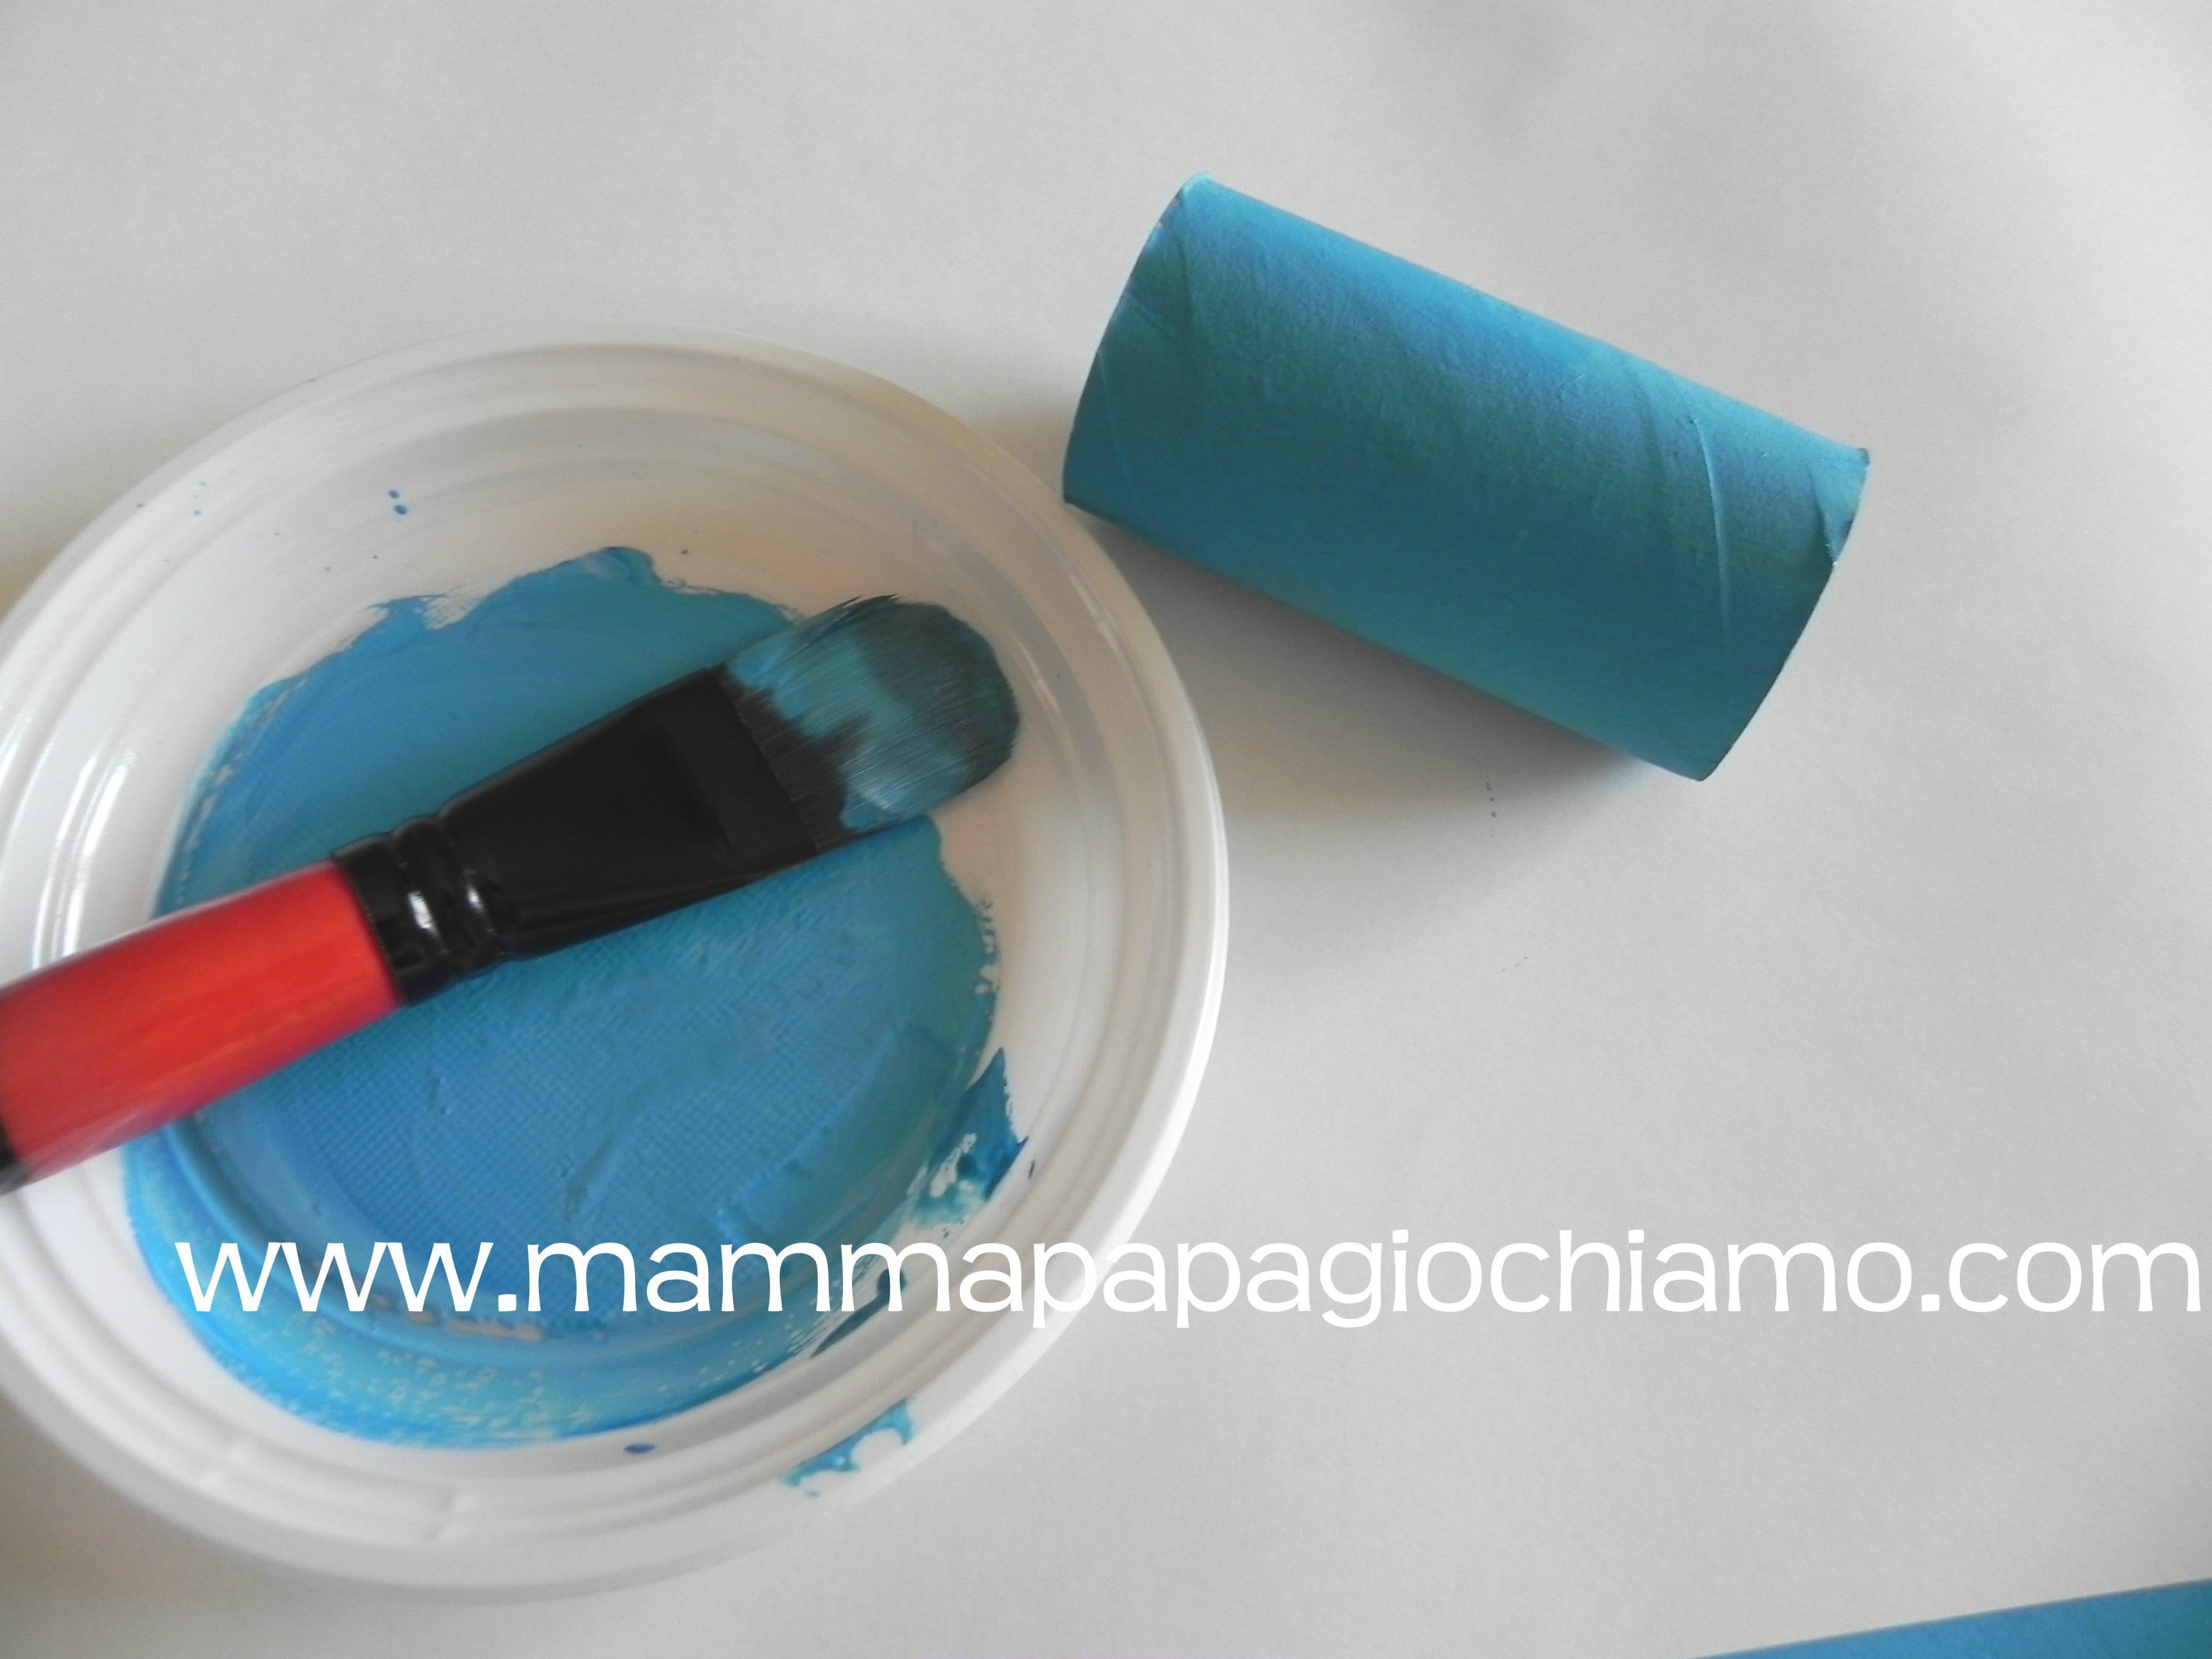 Rotoli Di Carta Igienica Riciclo : Ghirlanda natalizia con rotoli di carta